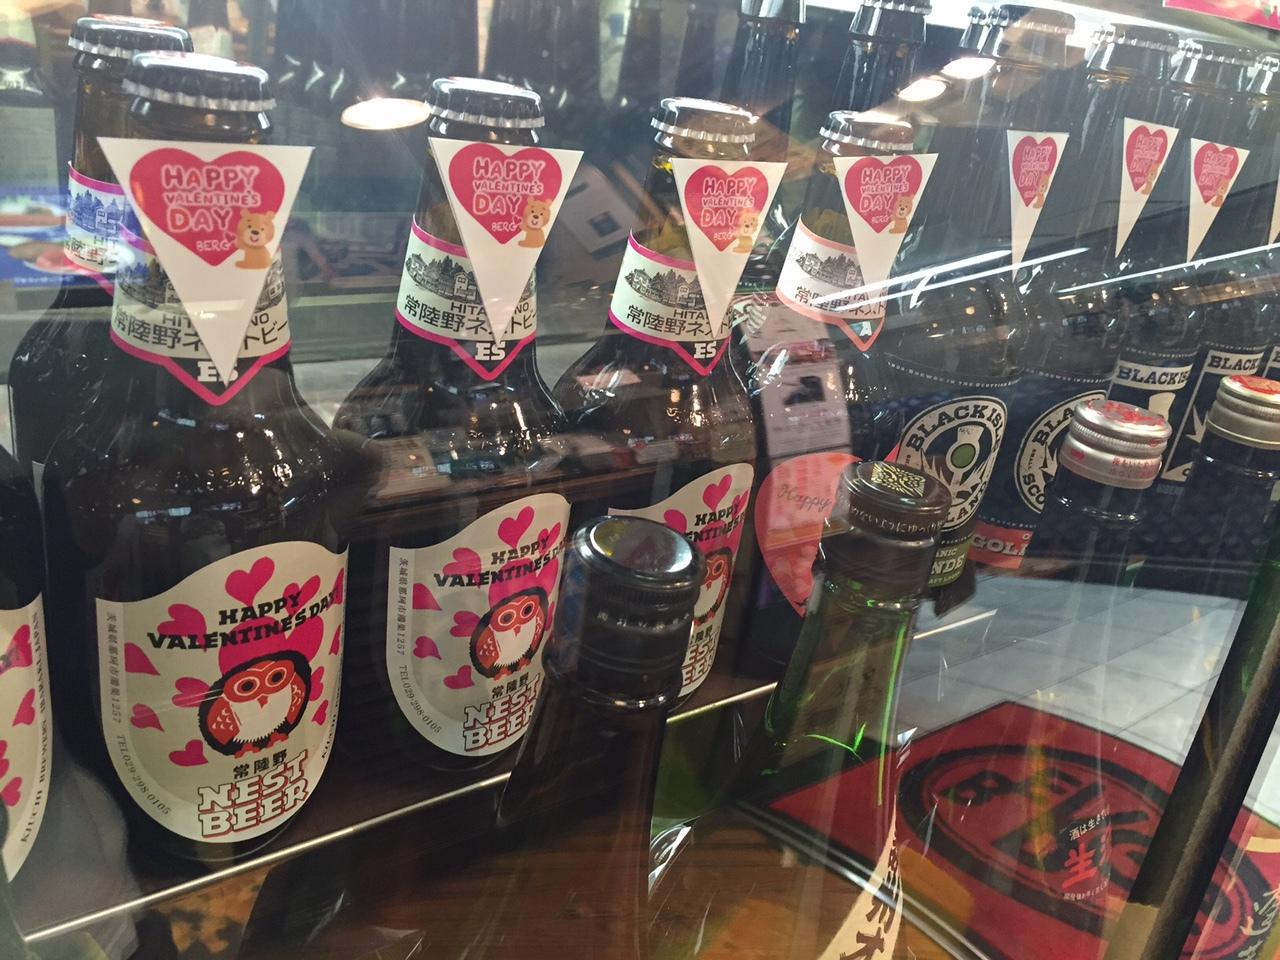 チョコプレッツェル、ハートマシュマロ、ロリポップ…甘いひとときを♪ネストバレンタインボトル残り少なくなってきました♪_c0069047_17214845.jpg